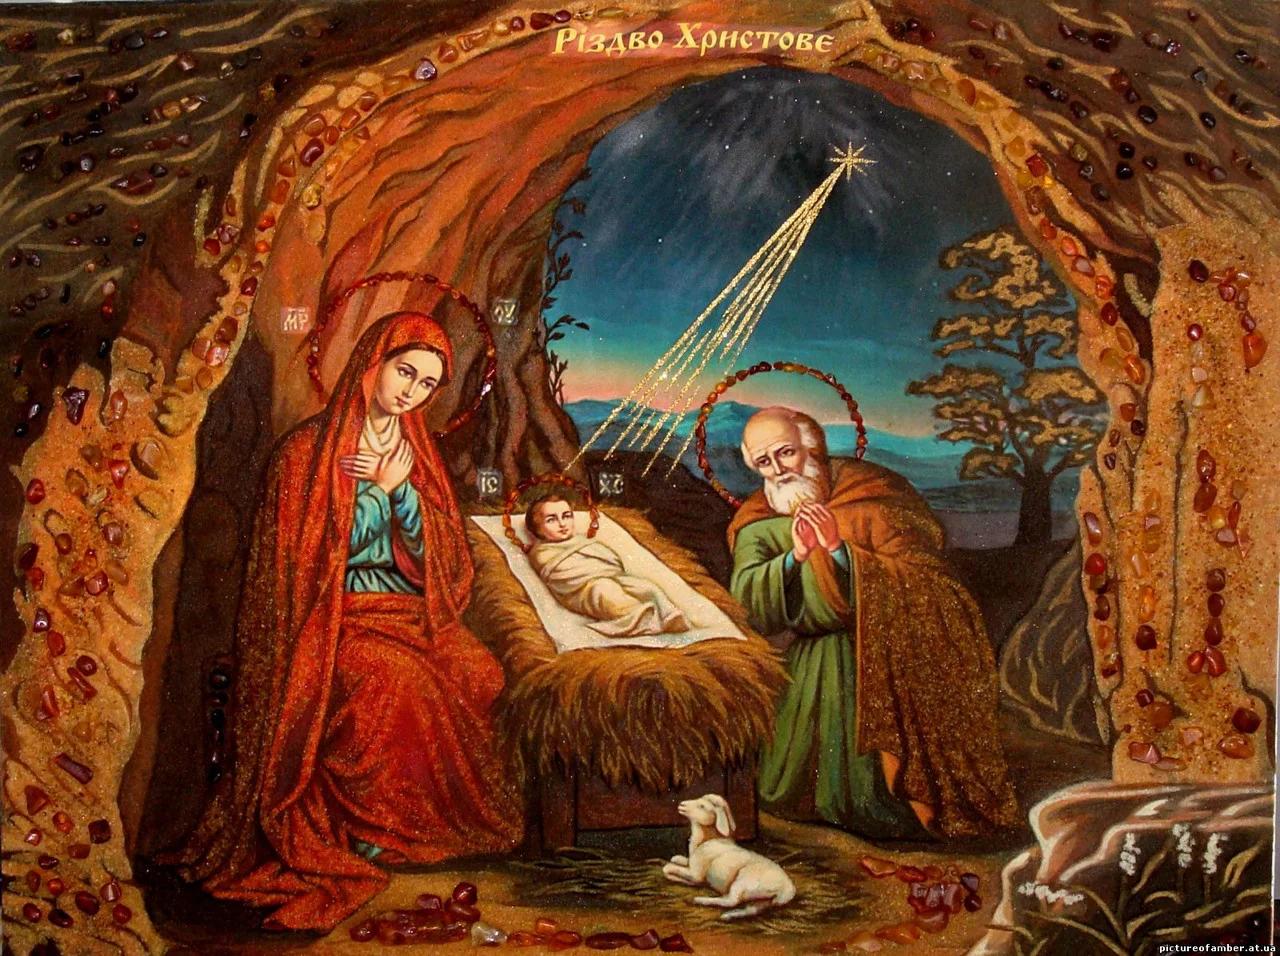 Рождество Христово – один из важнейших христианских праздников